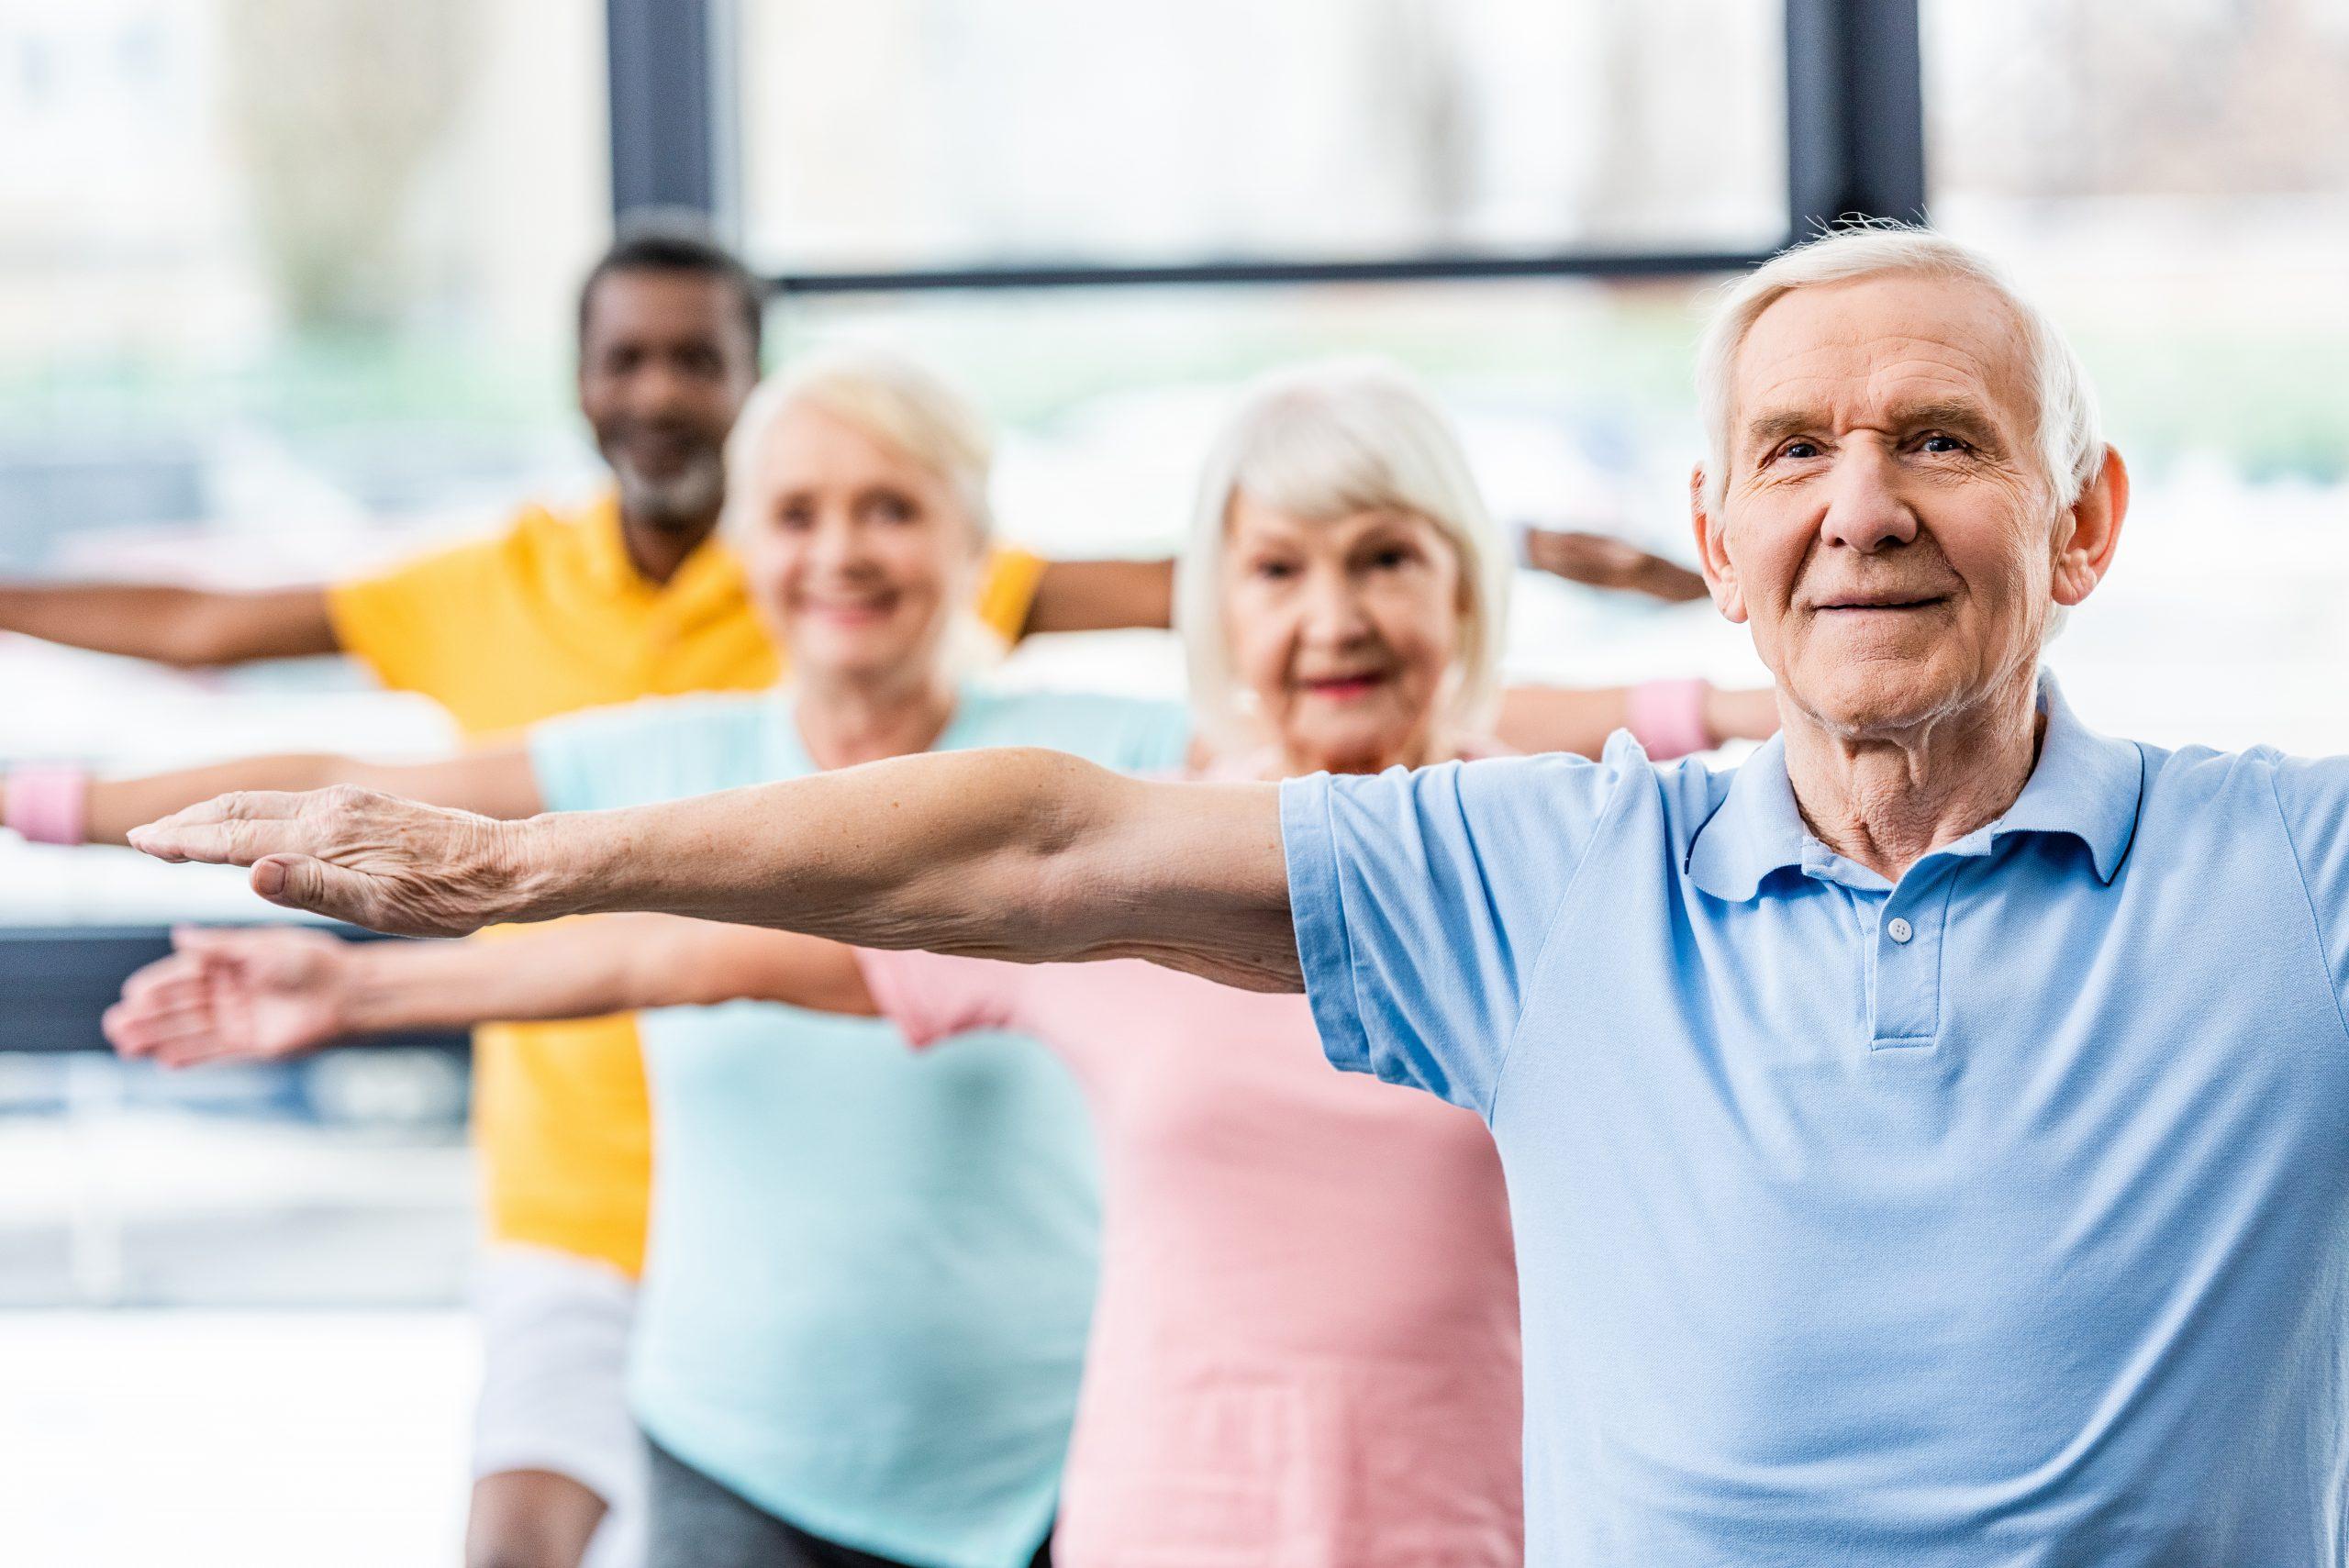 senior athletes synchronous doing exercise at gym